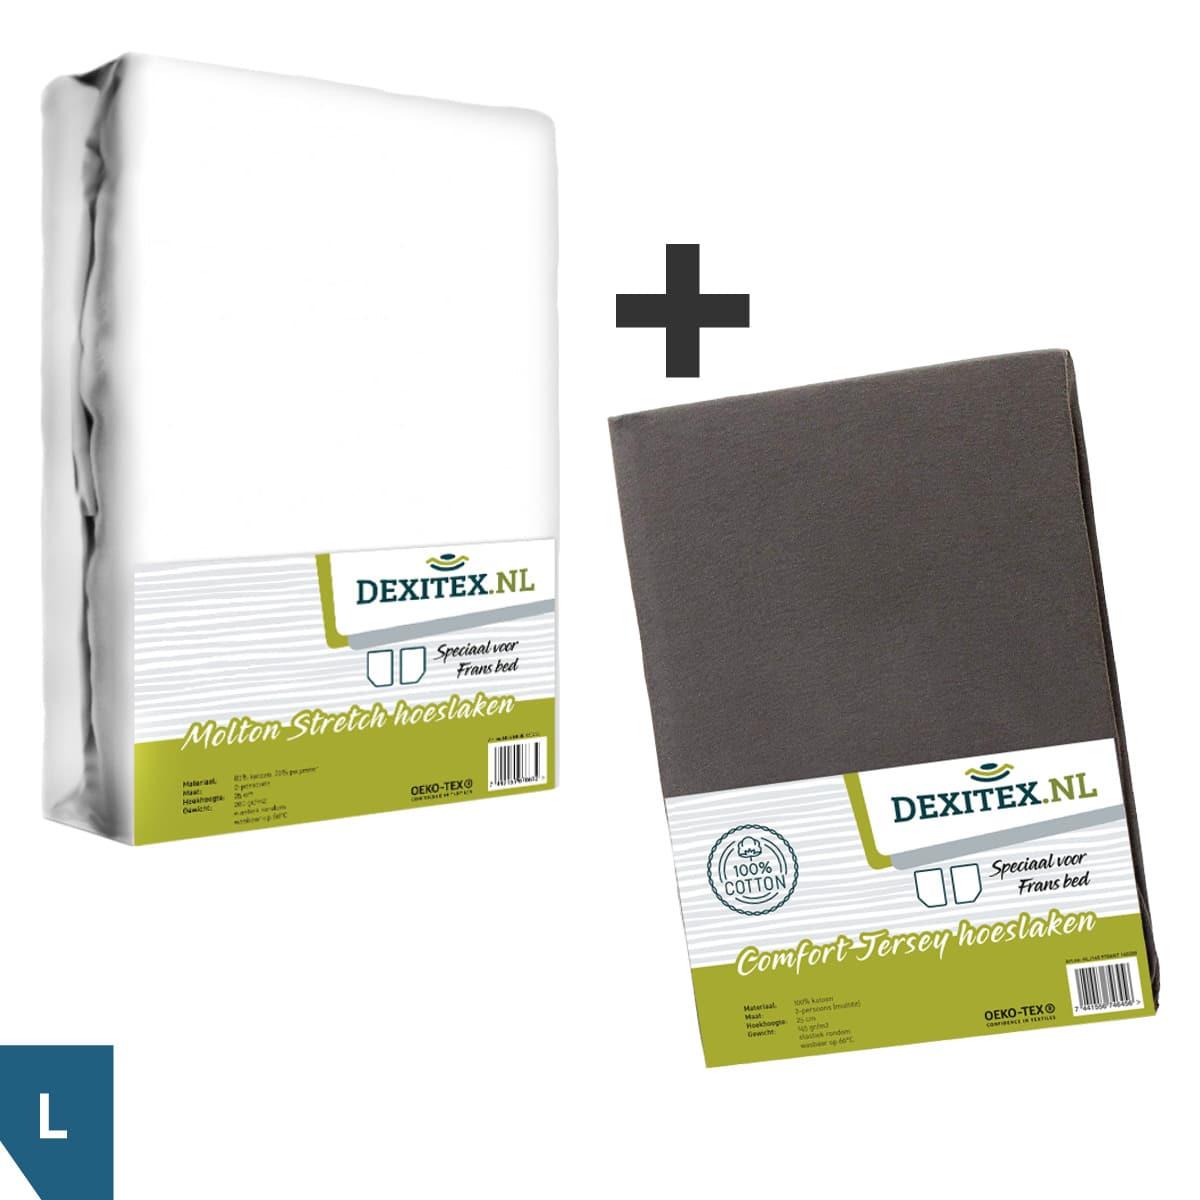 Textielpakket voor een Fransbed, Links - 1x molton wit + 1x jersey hoeslaken antraciet